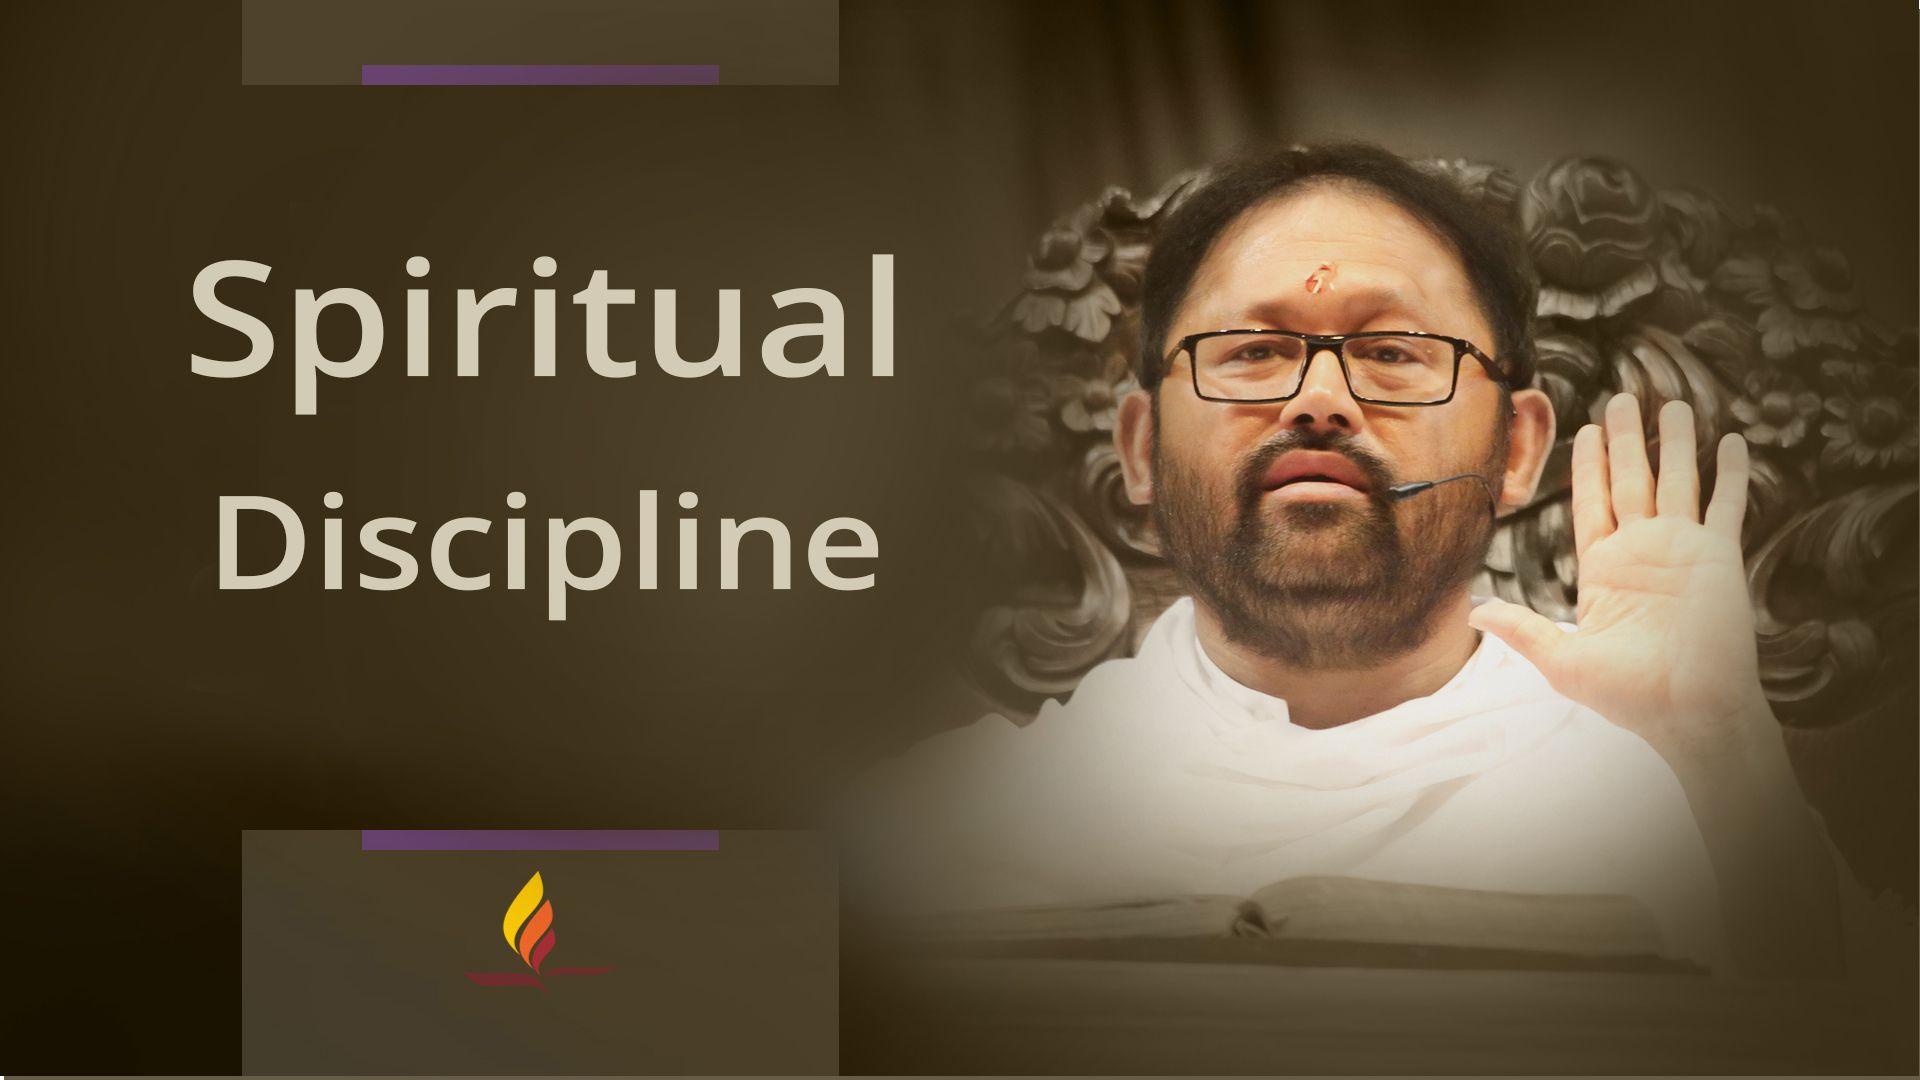 Spiritual discipline discipline is essential on the